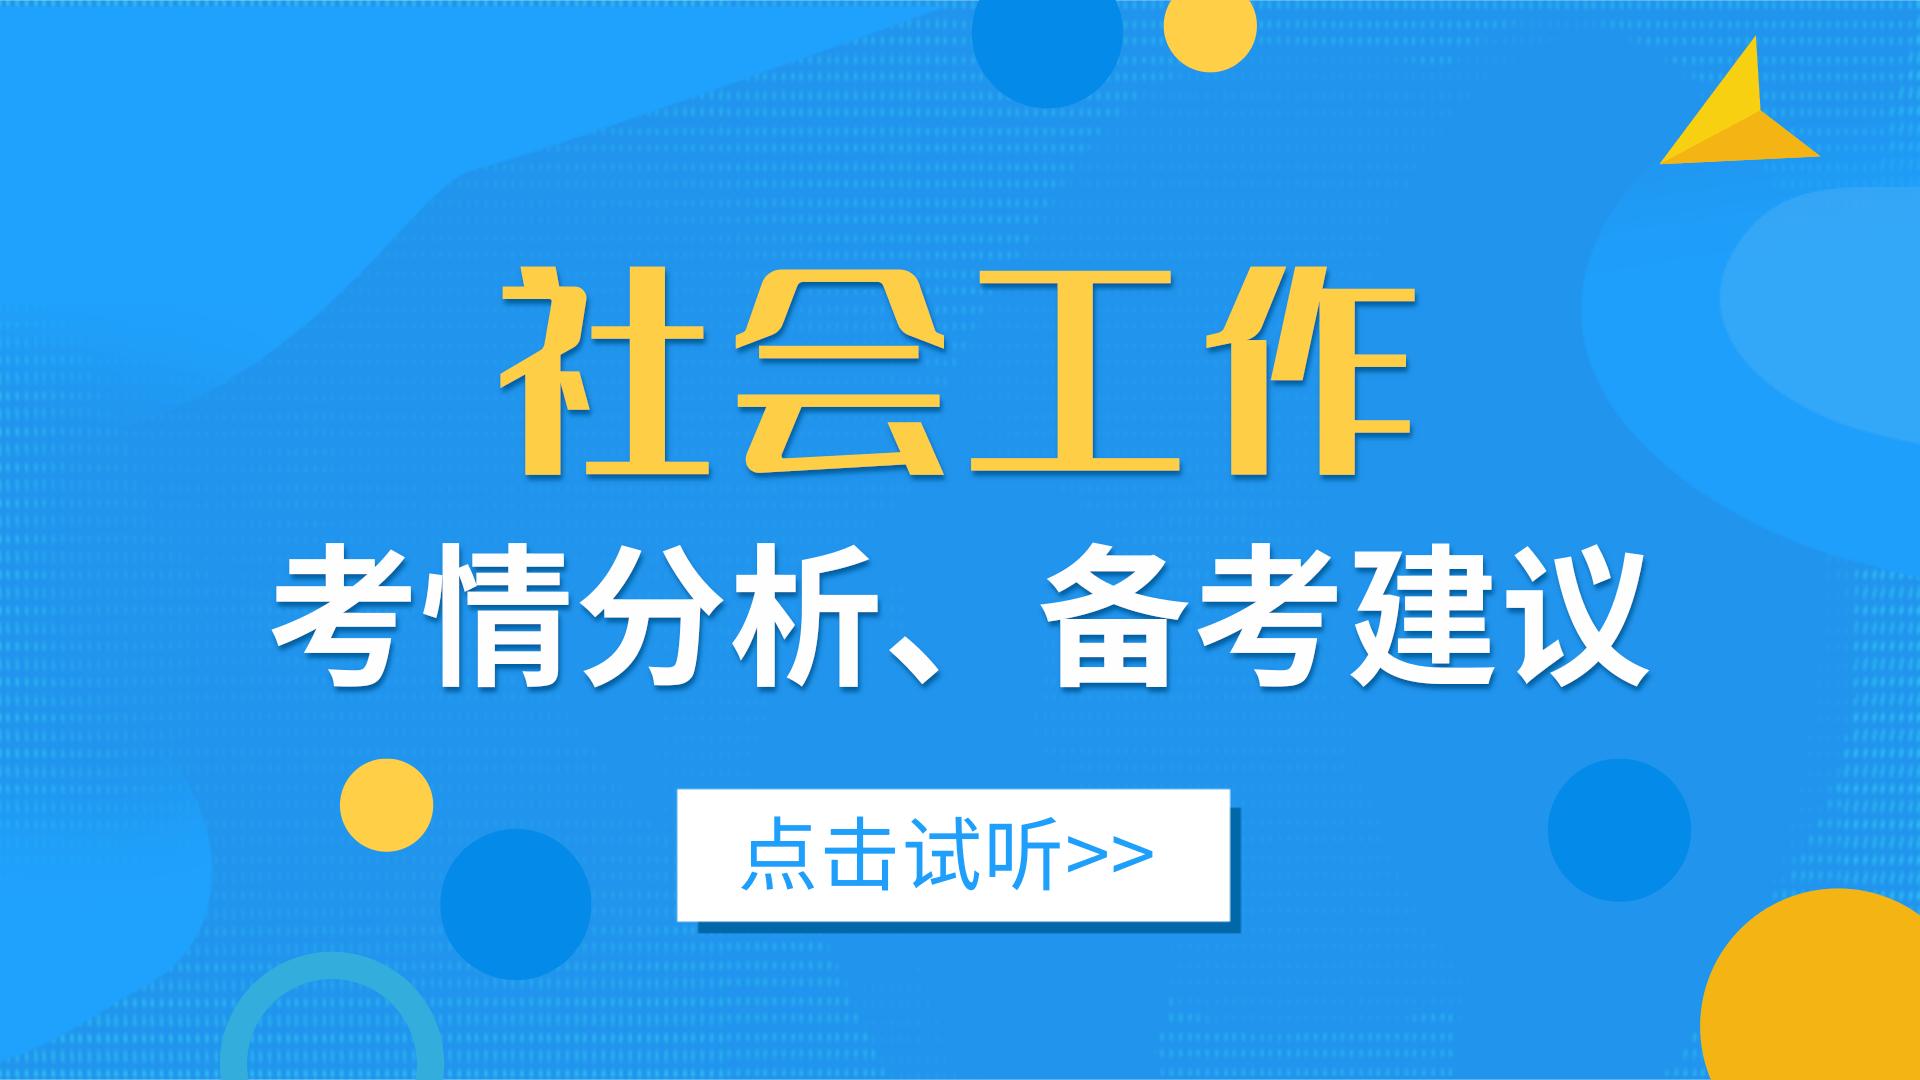 明德尚行教育2021广外考研社会工作初试导学:考情分析、备考建议